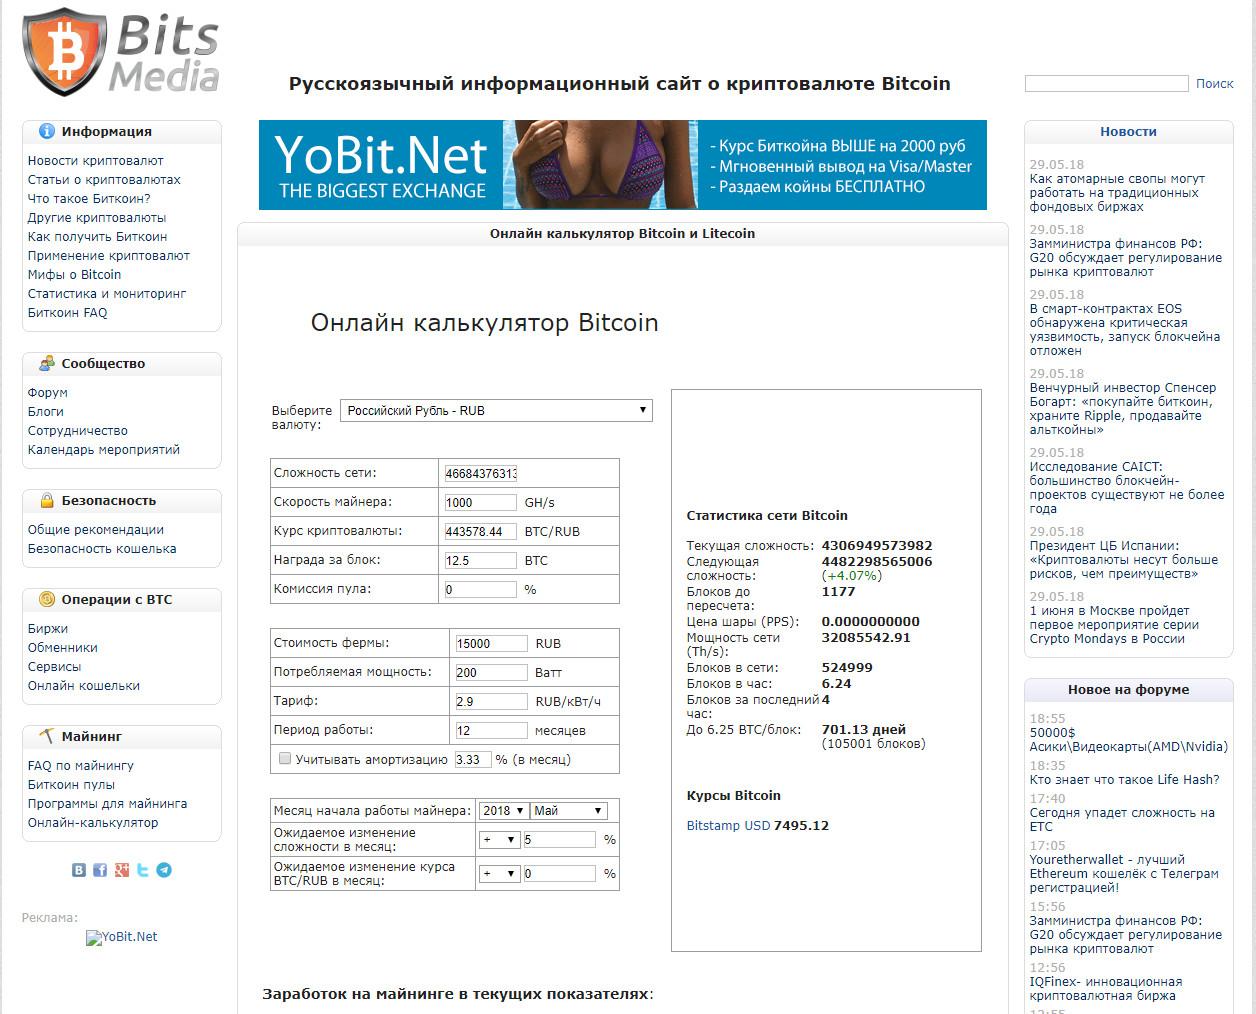 Калькулятор криптовалют с выбором видеокарты сайты бинарных опционов